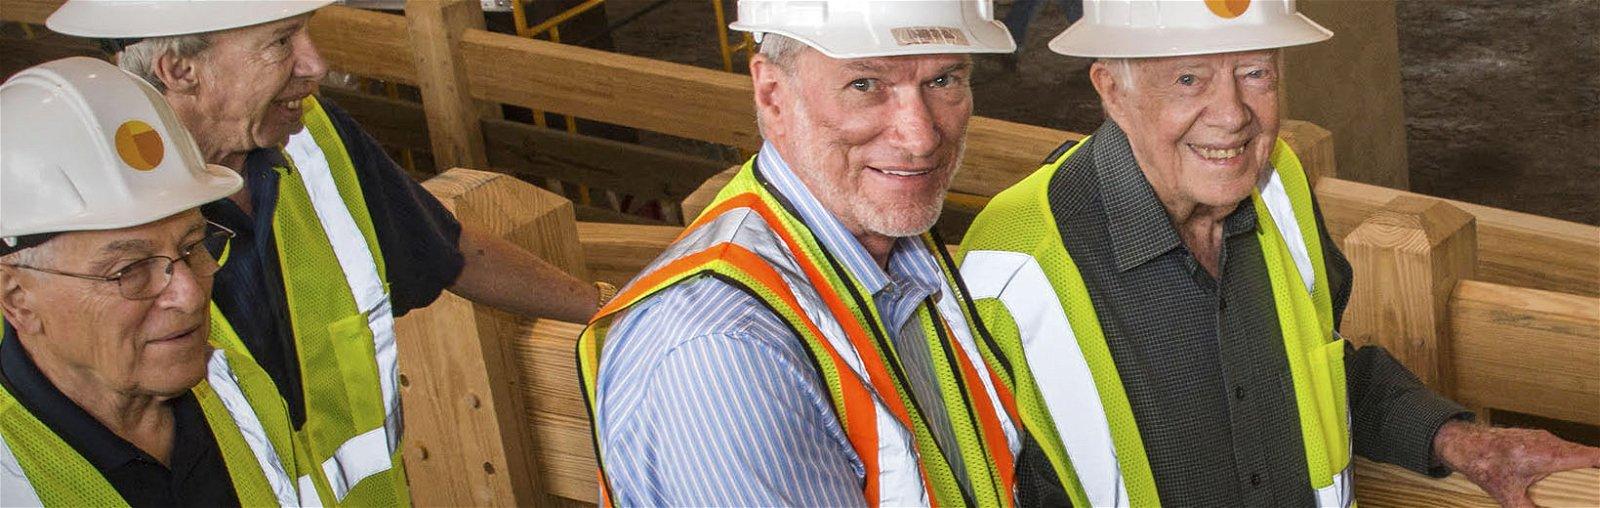 President Jimmy Carter Tours Ark Encounter